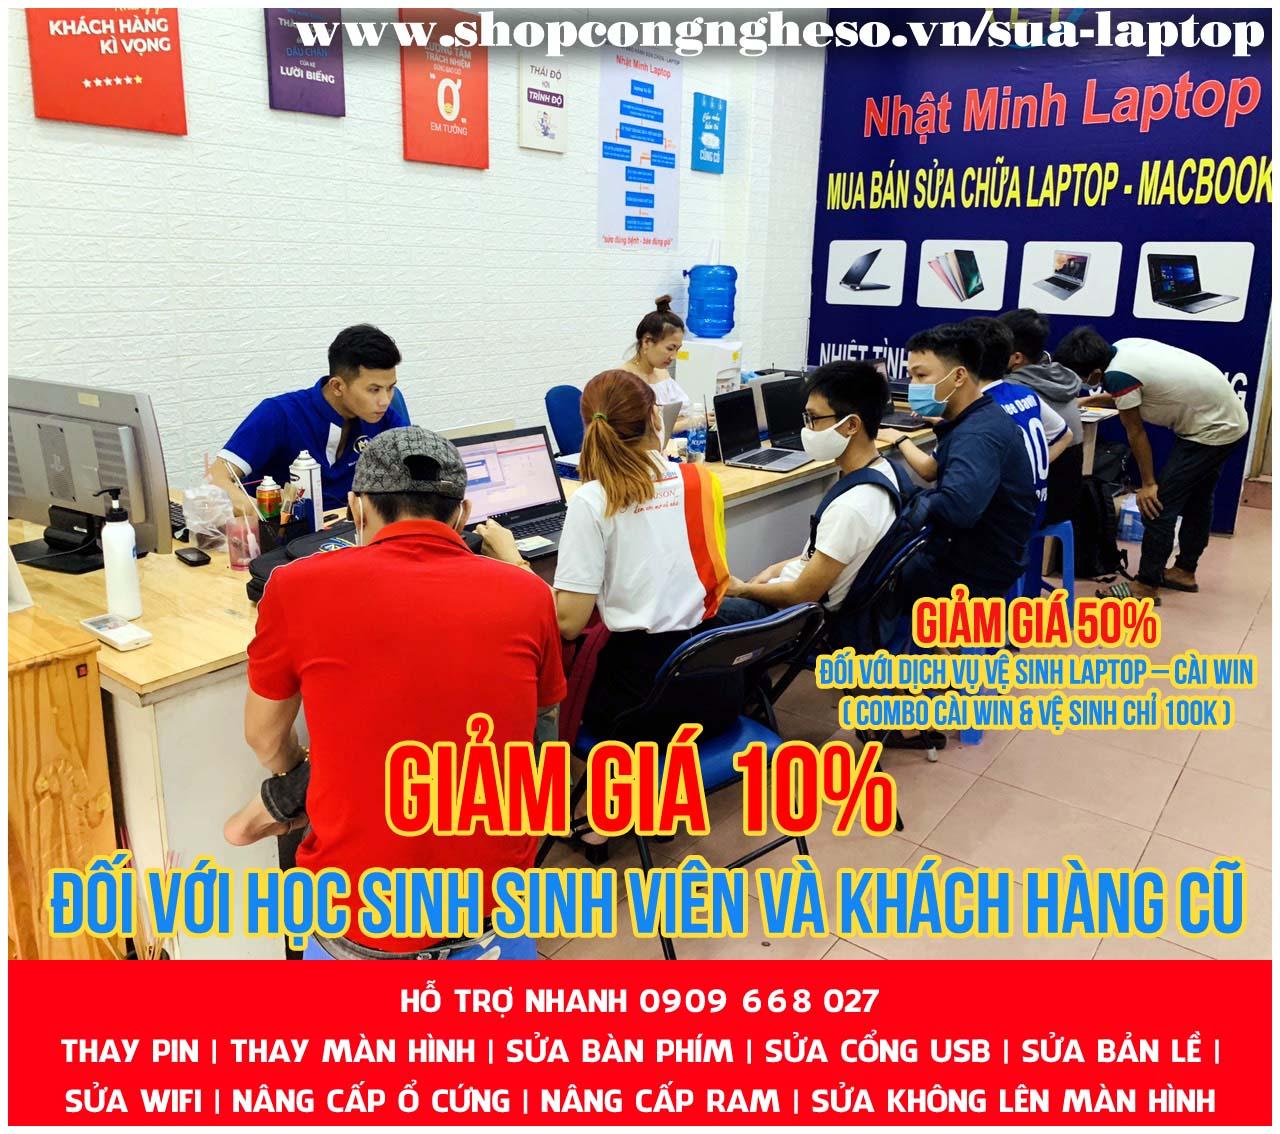 Sửa loa laptop tại Trung Tâm Nhật Minh